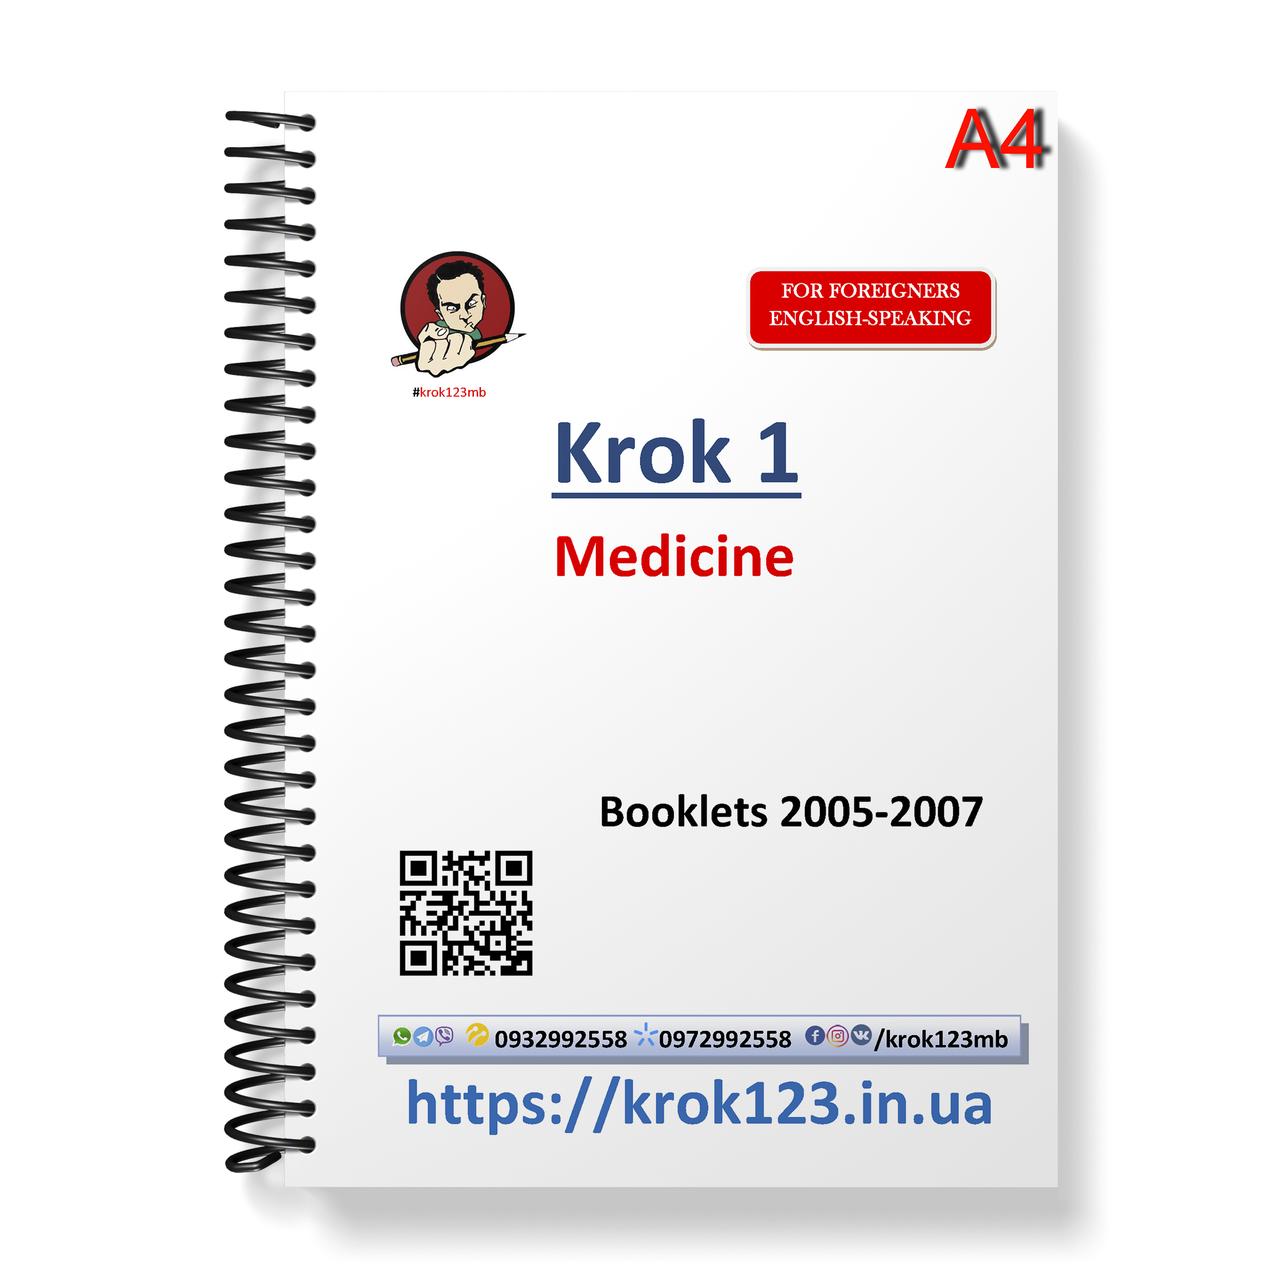 Крок 1. Общая врачебная подготовка. Буклеты 2005-2007 . Для иностранцев англоязычных. Формат А4